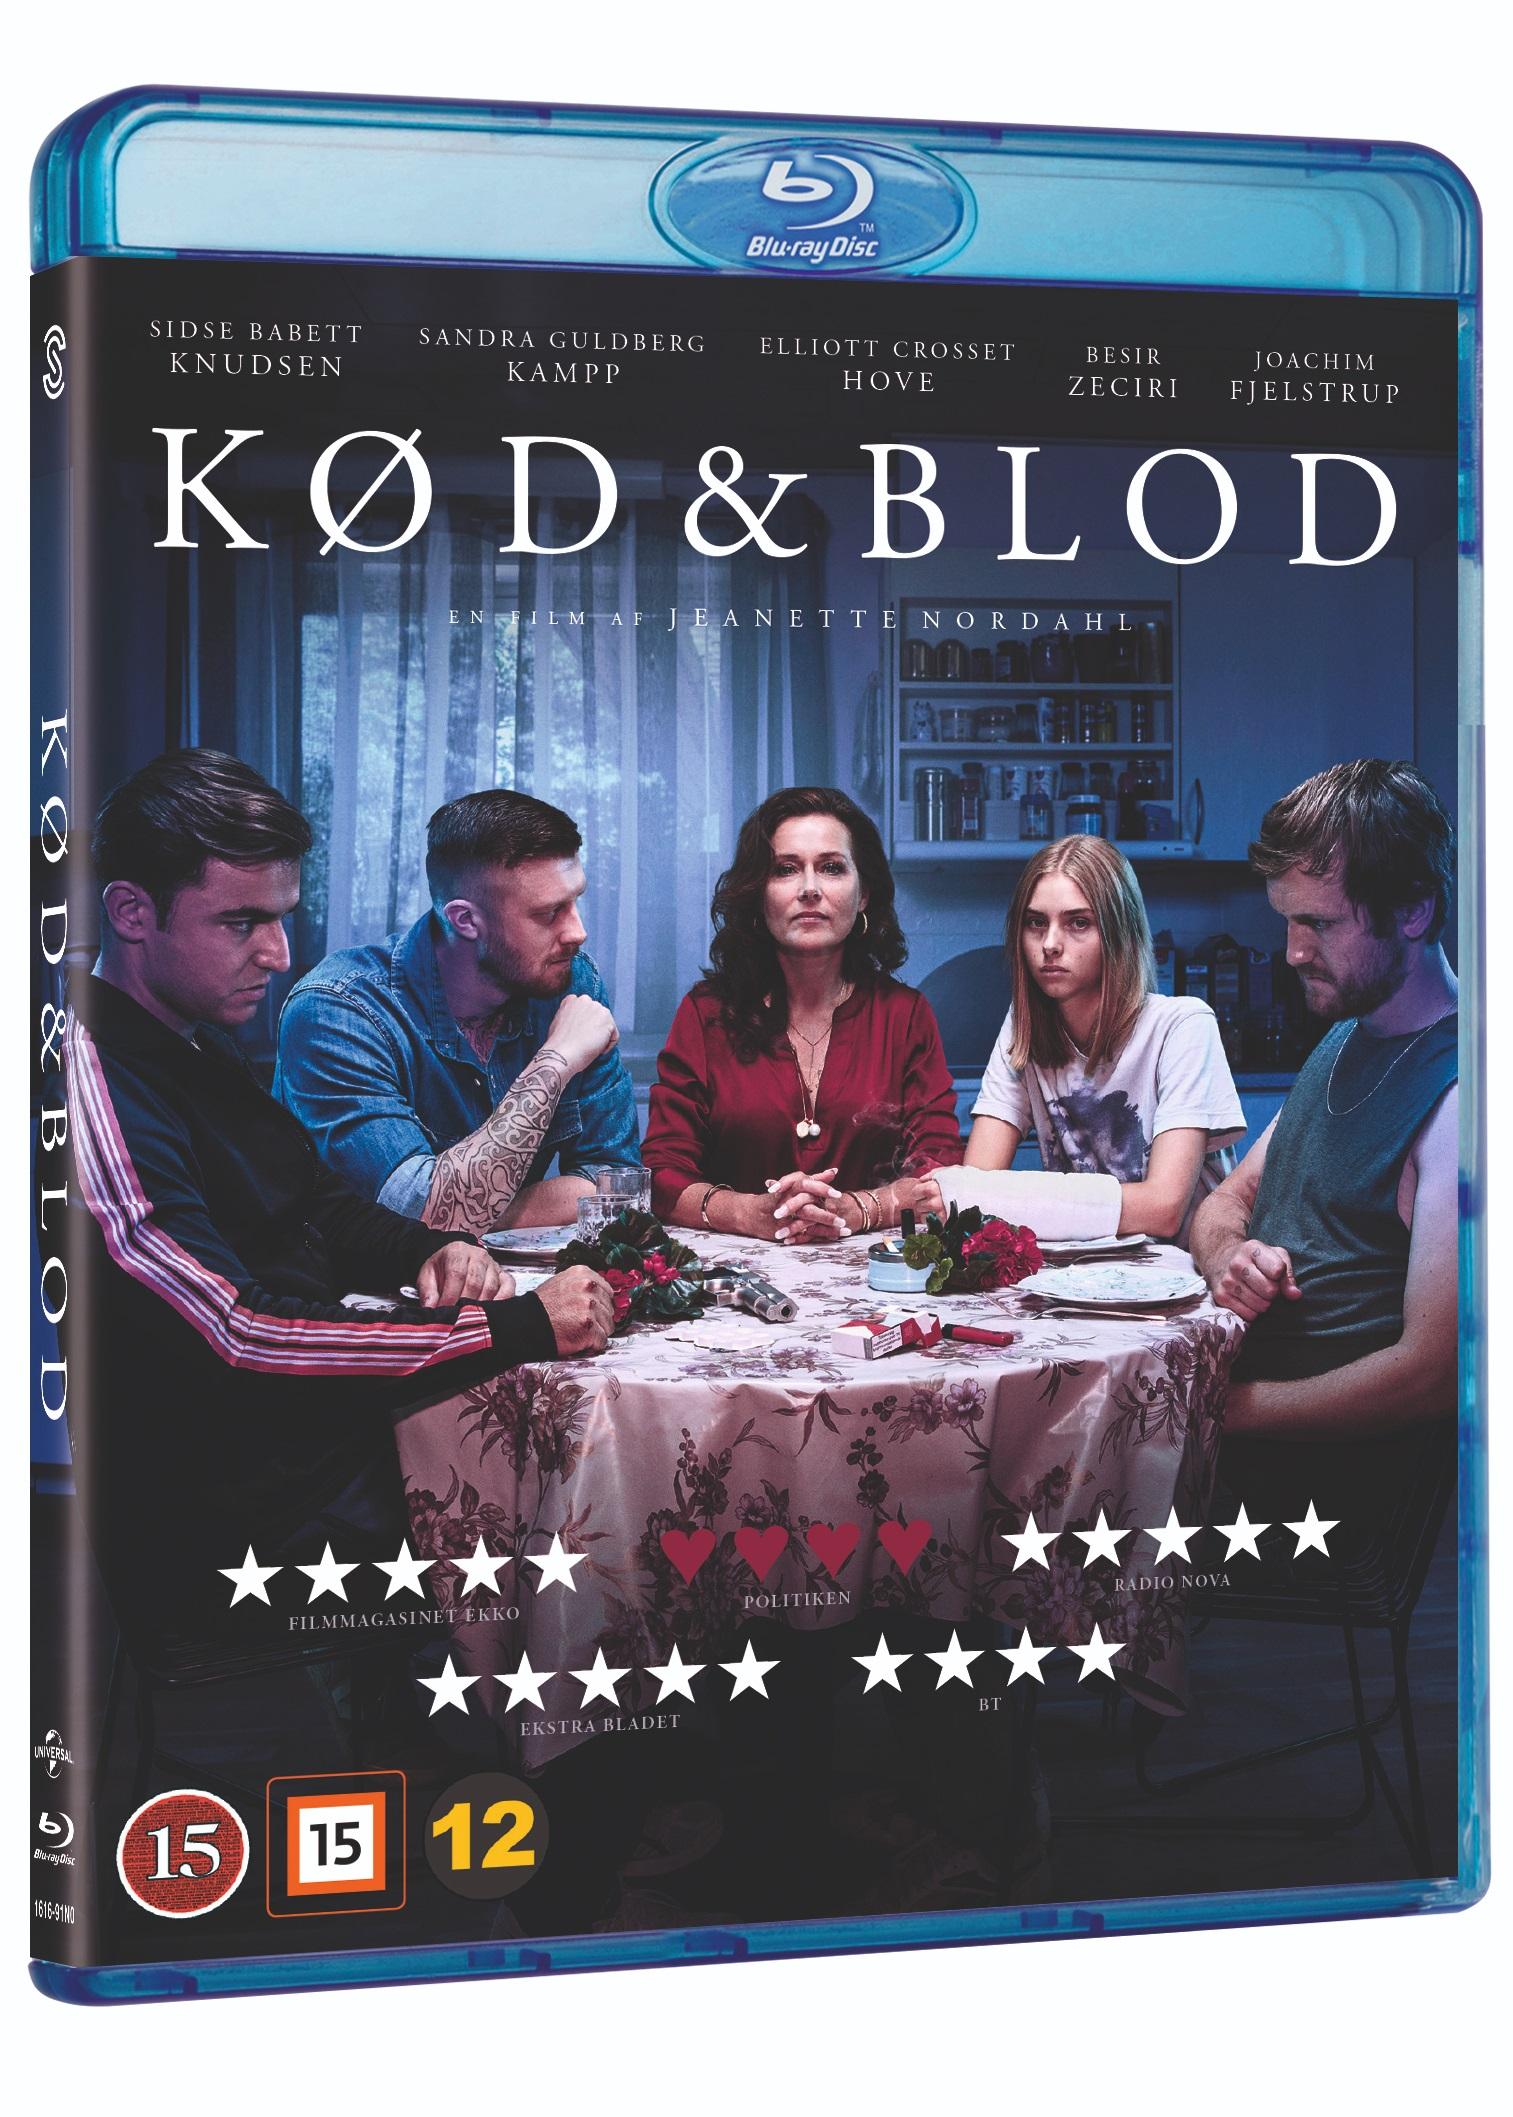 Kød & Blod -  - Film -  - 5706169003566 - 12/10-2020